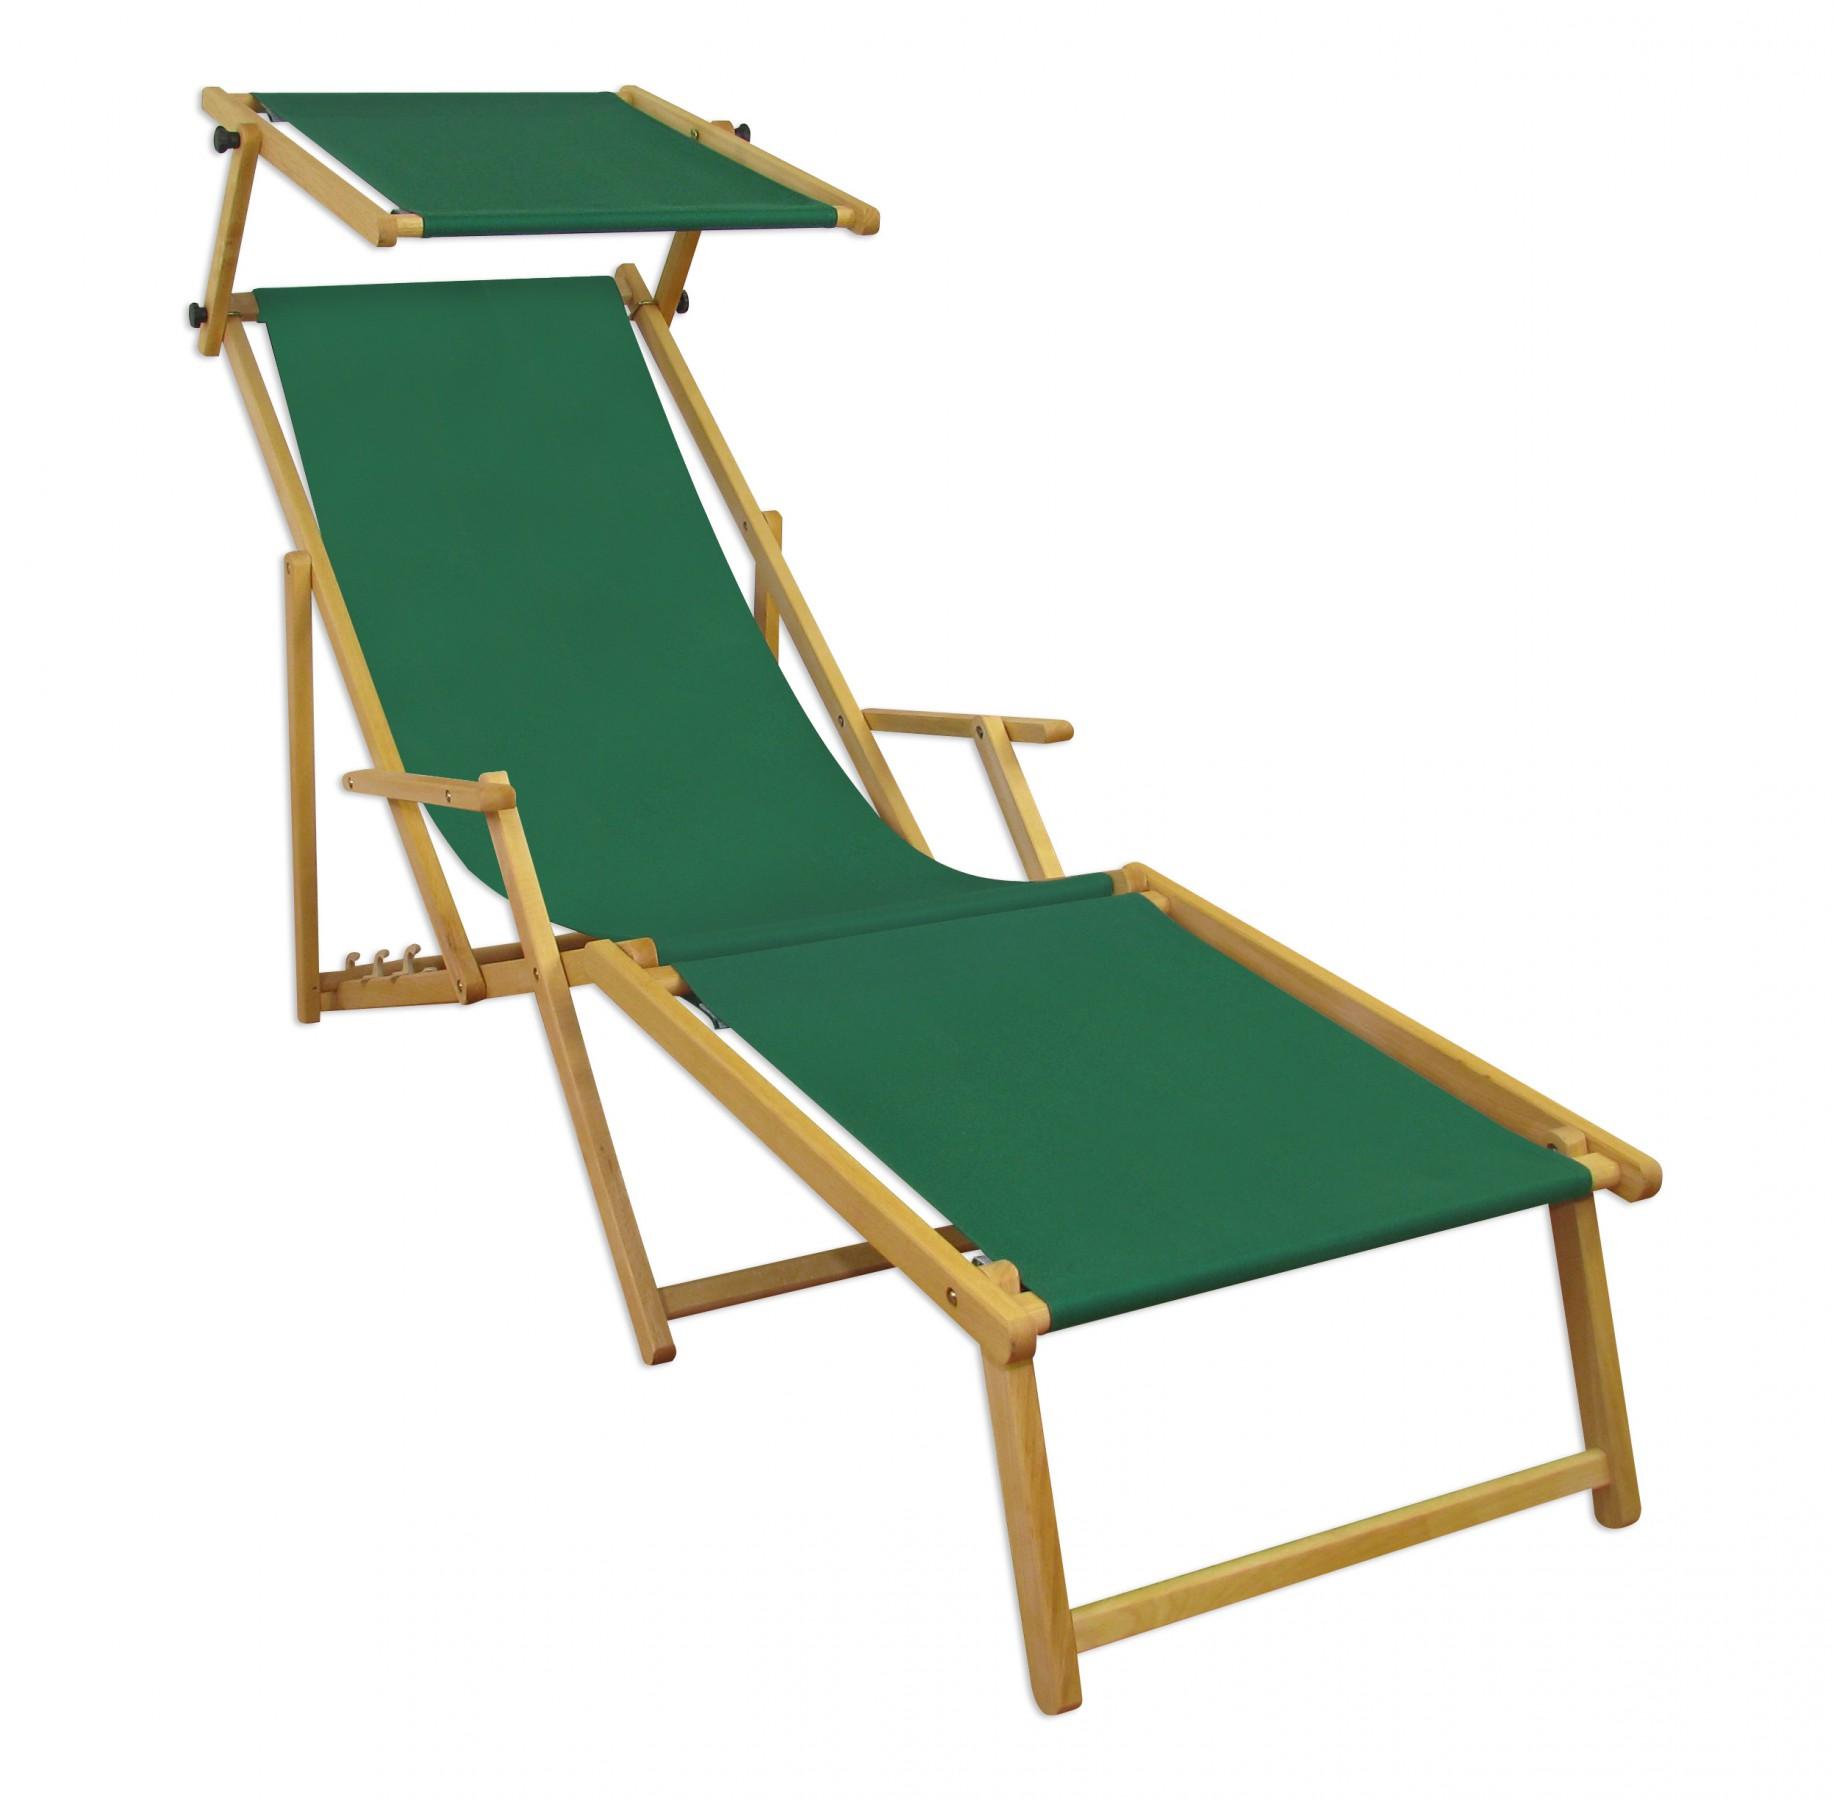 Chaise de jardin terrasse vert longue toit ouvrant bois 10 for Chaise longue jardin verte